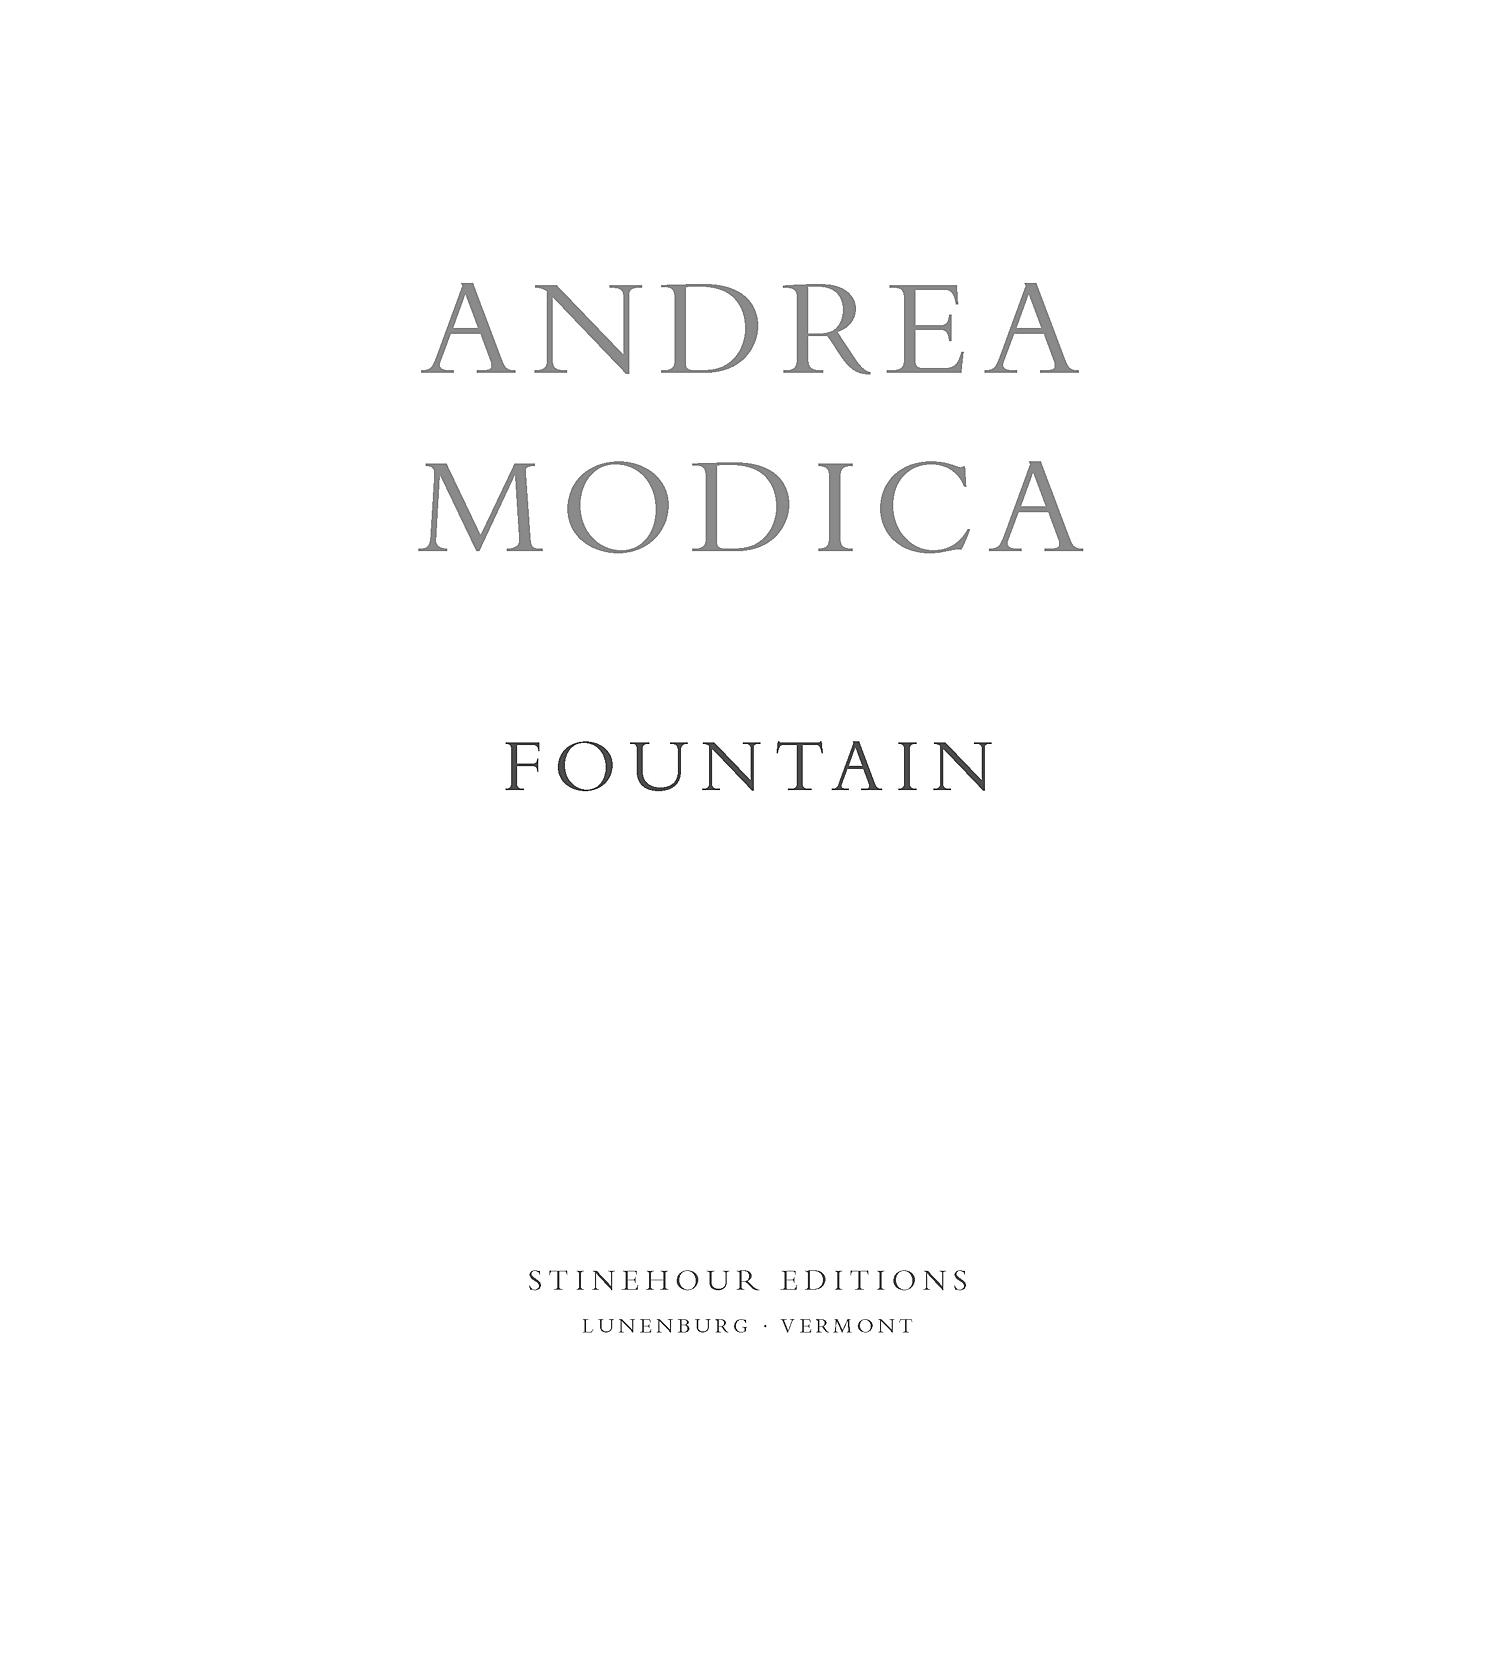 Andrea Modica